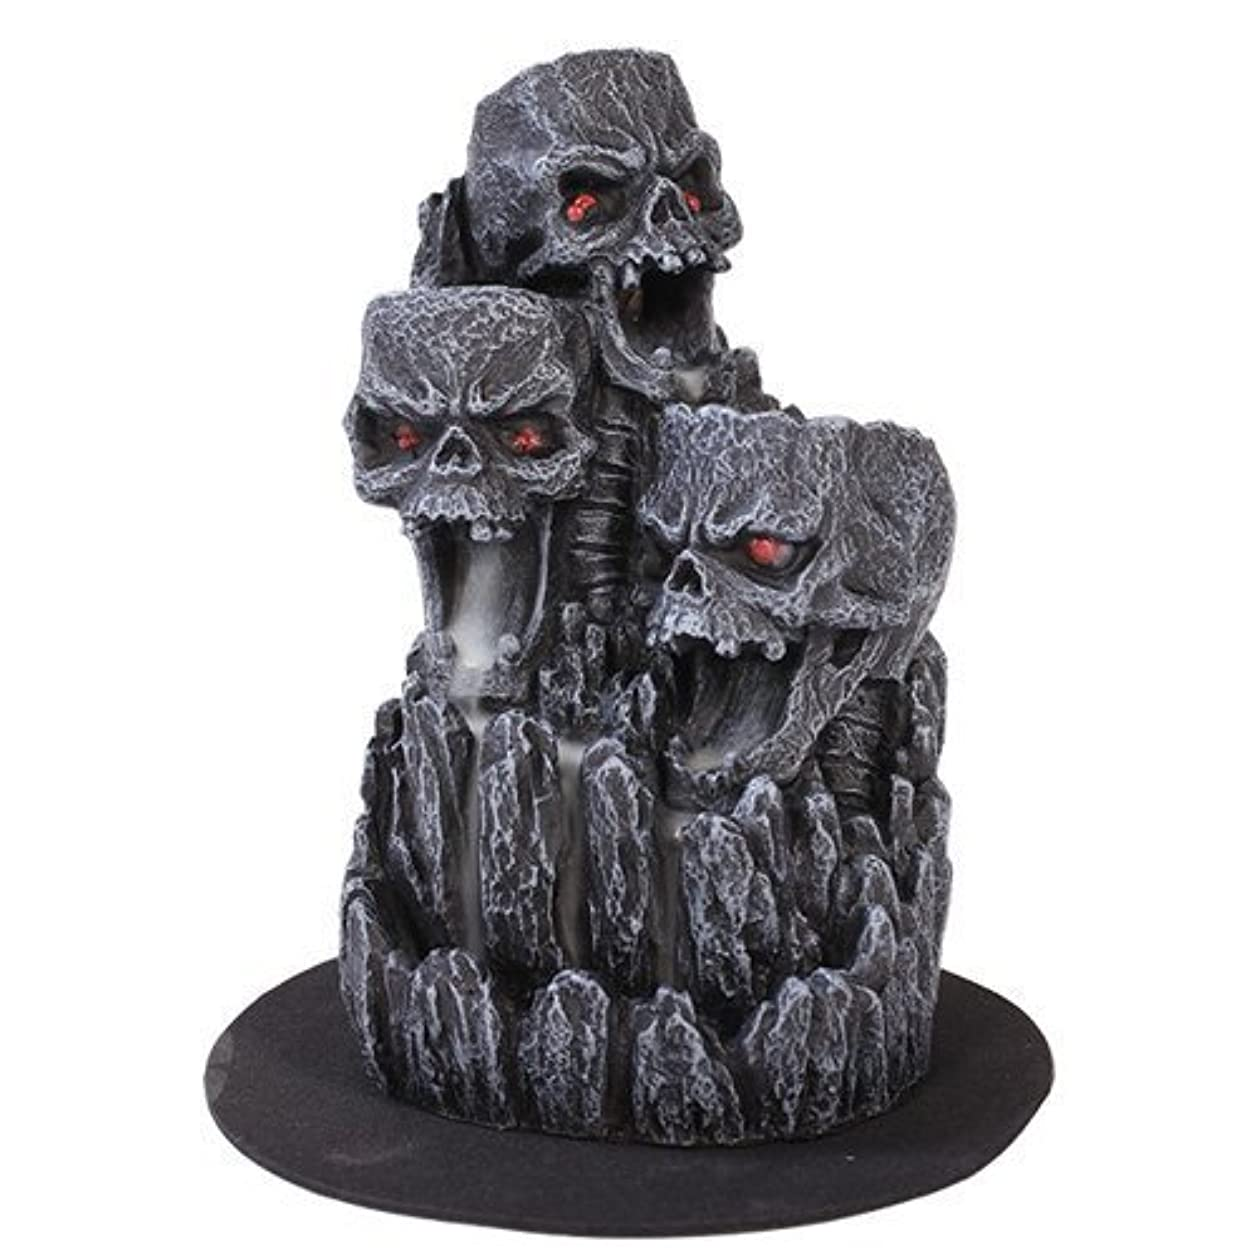 地域のウェブ汚いゴシックスカル(お香立て)マウンテンタワー オブジェ Gothic Skull Backflow Incense Tower